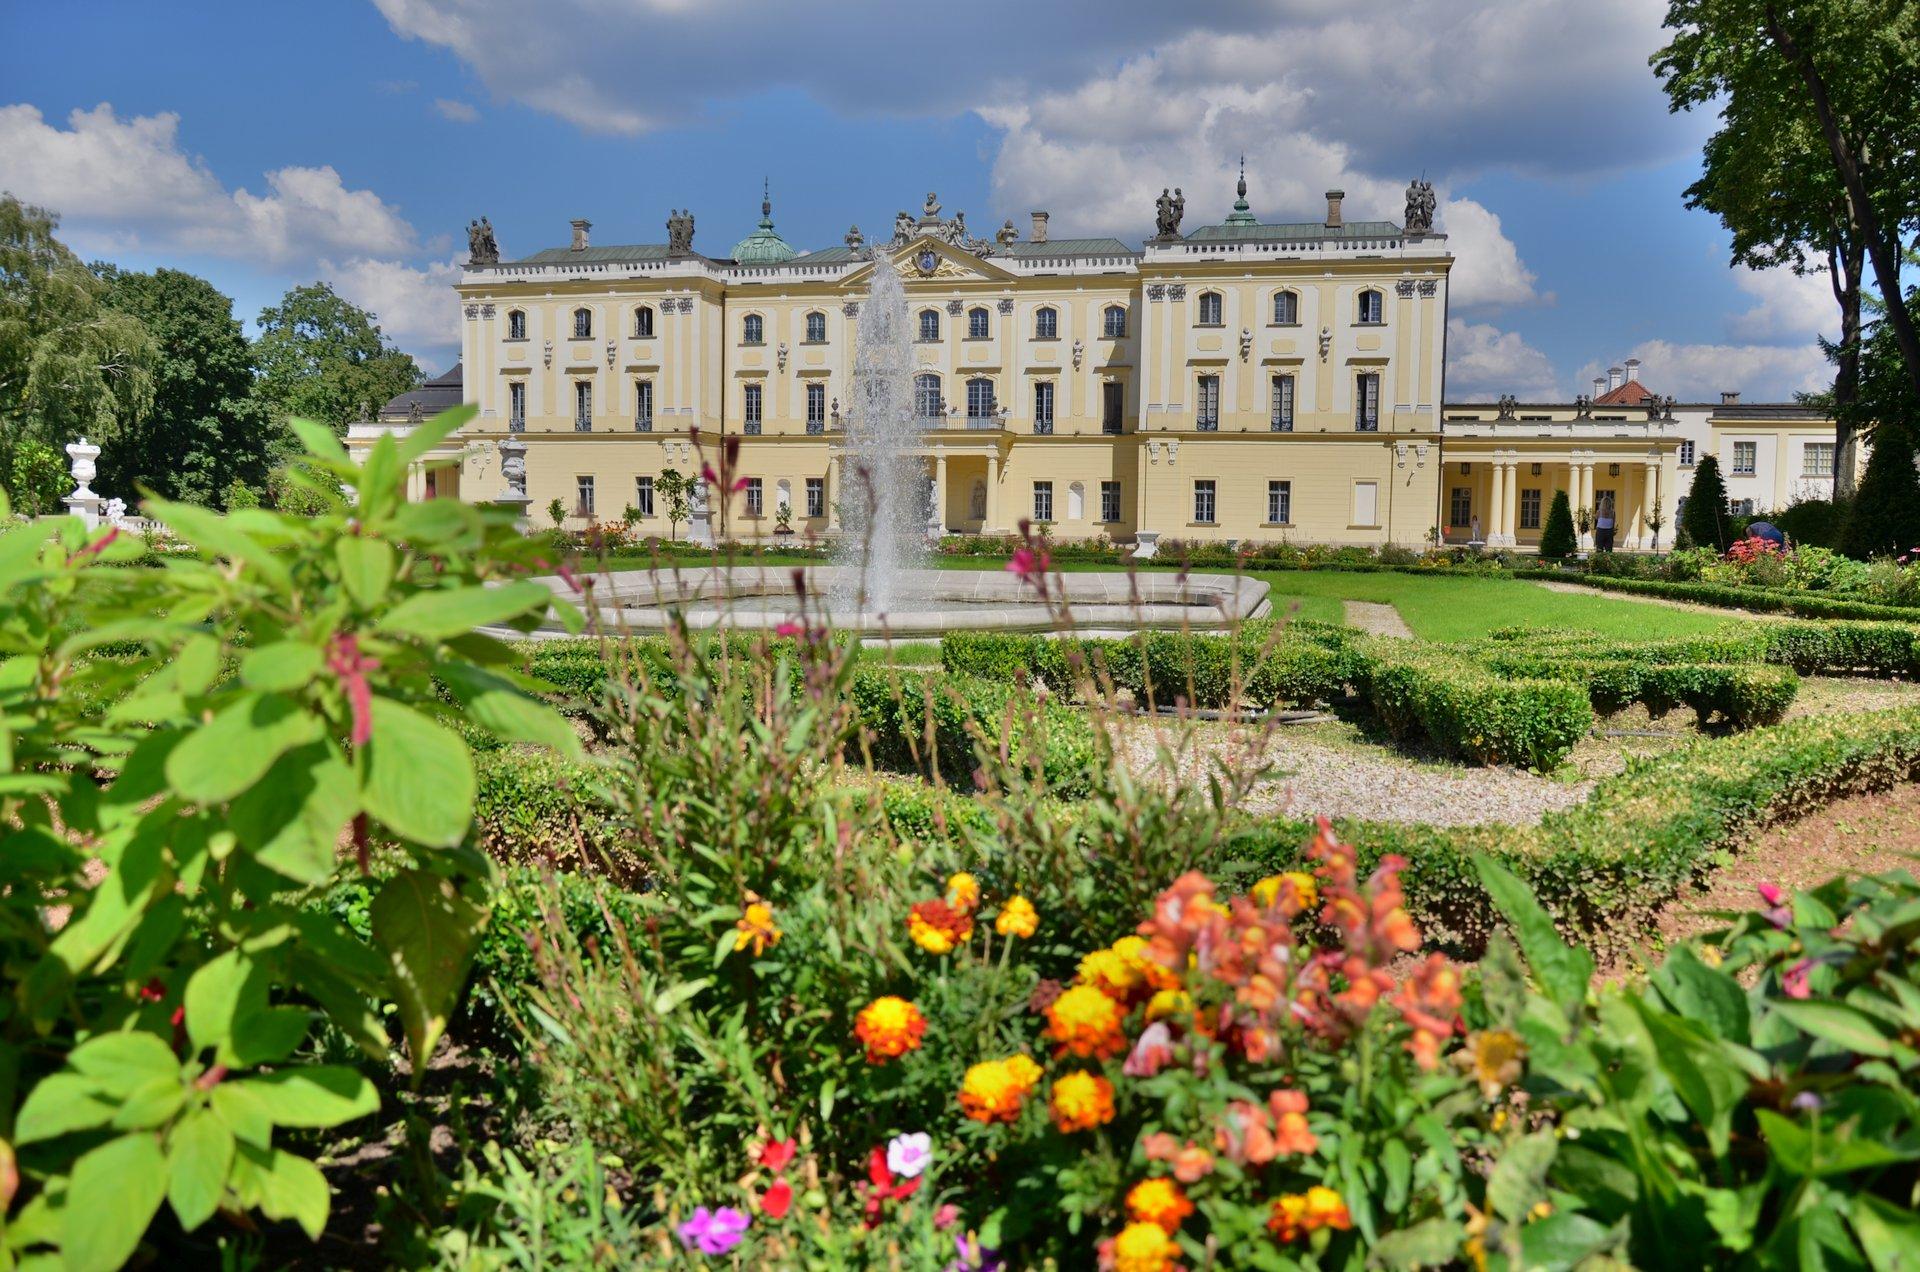 Białystok Pałac Branickich w Białymstoku ogród Wersal Podlaskifree photo darmowe zdjęcie